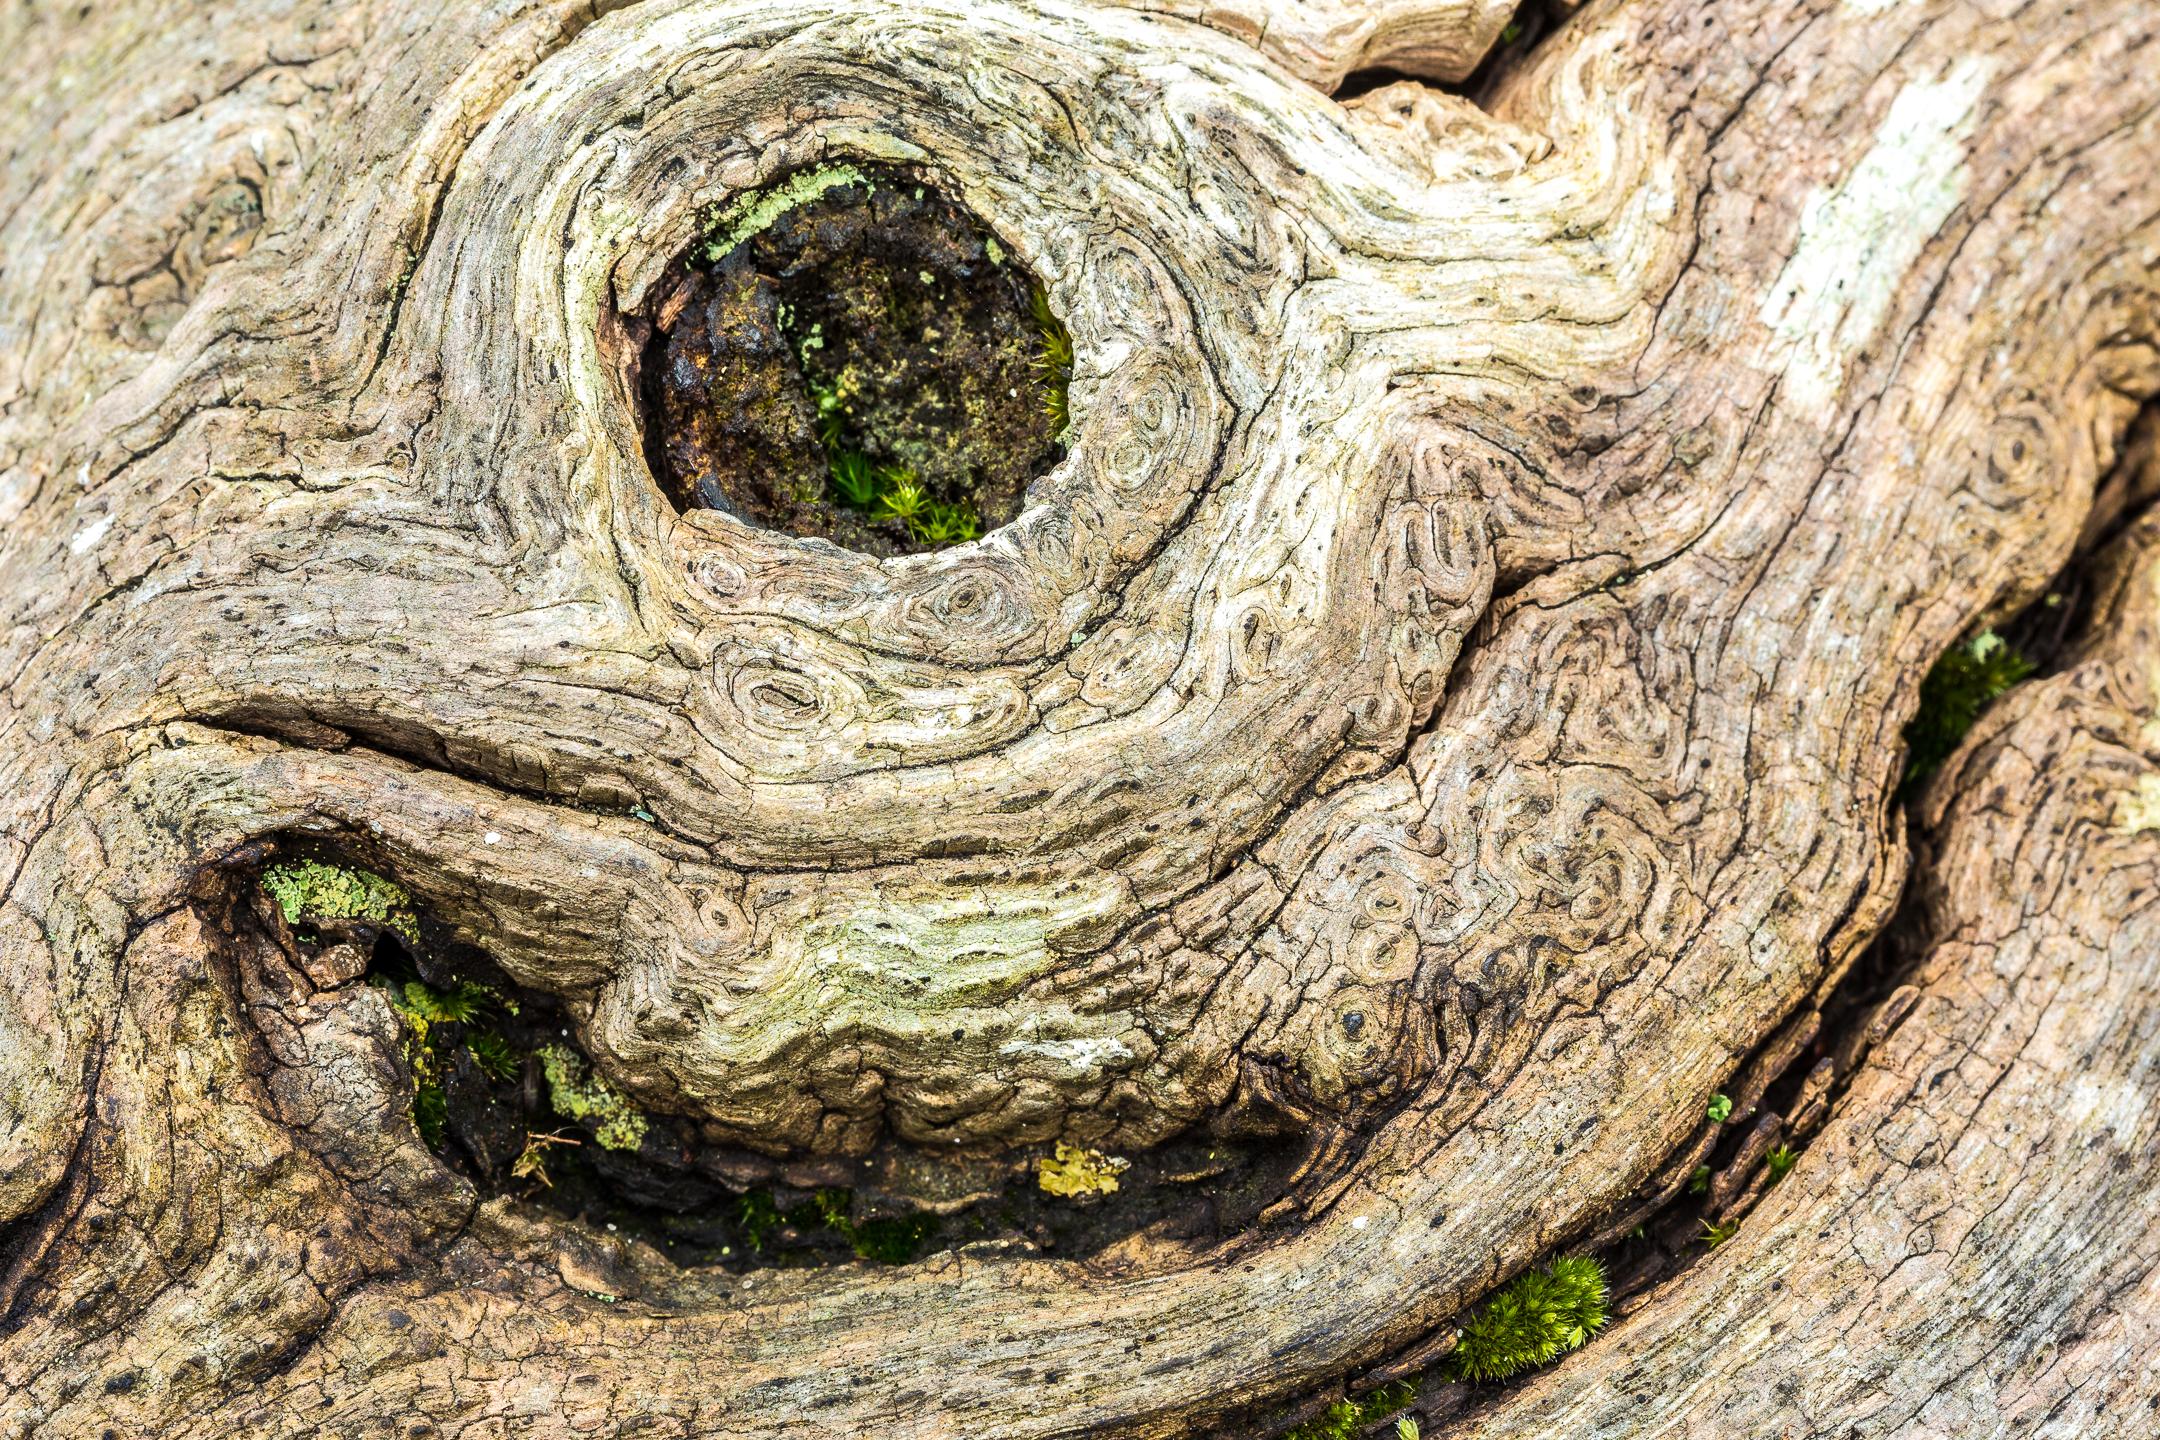 nós do tronco da árvore